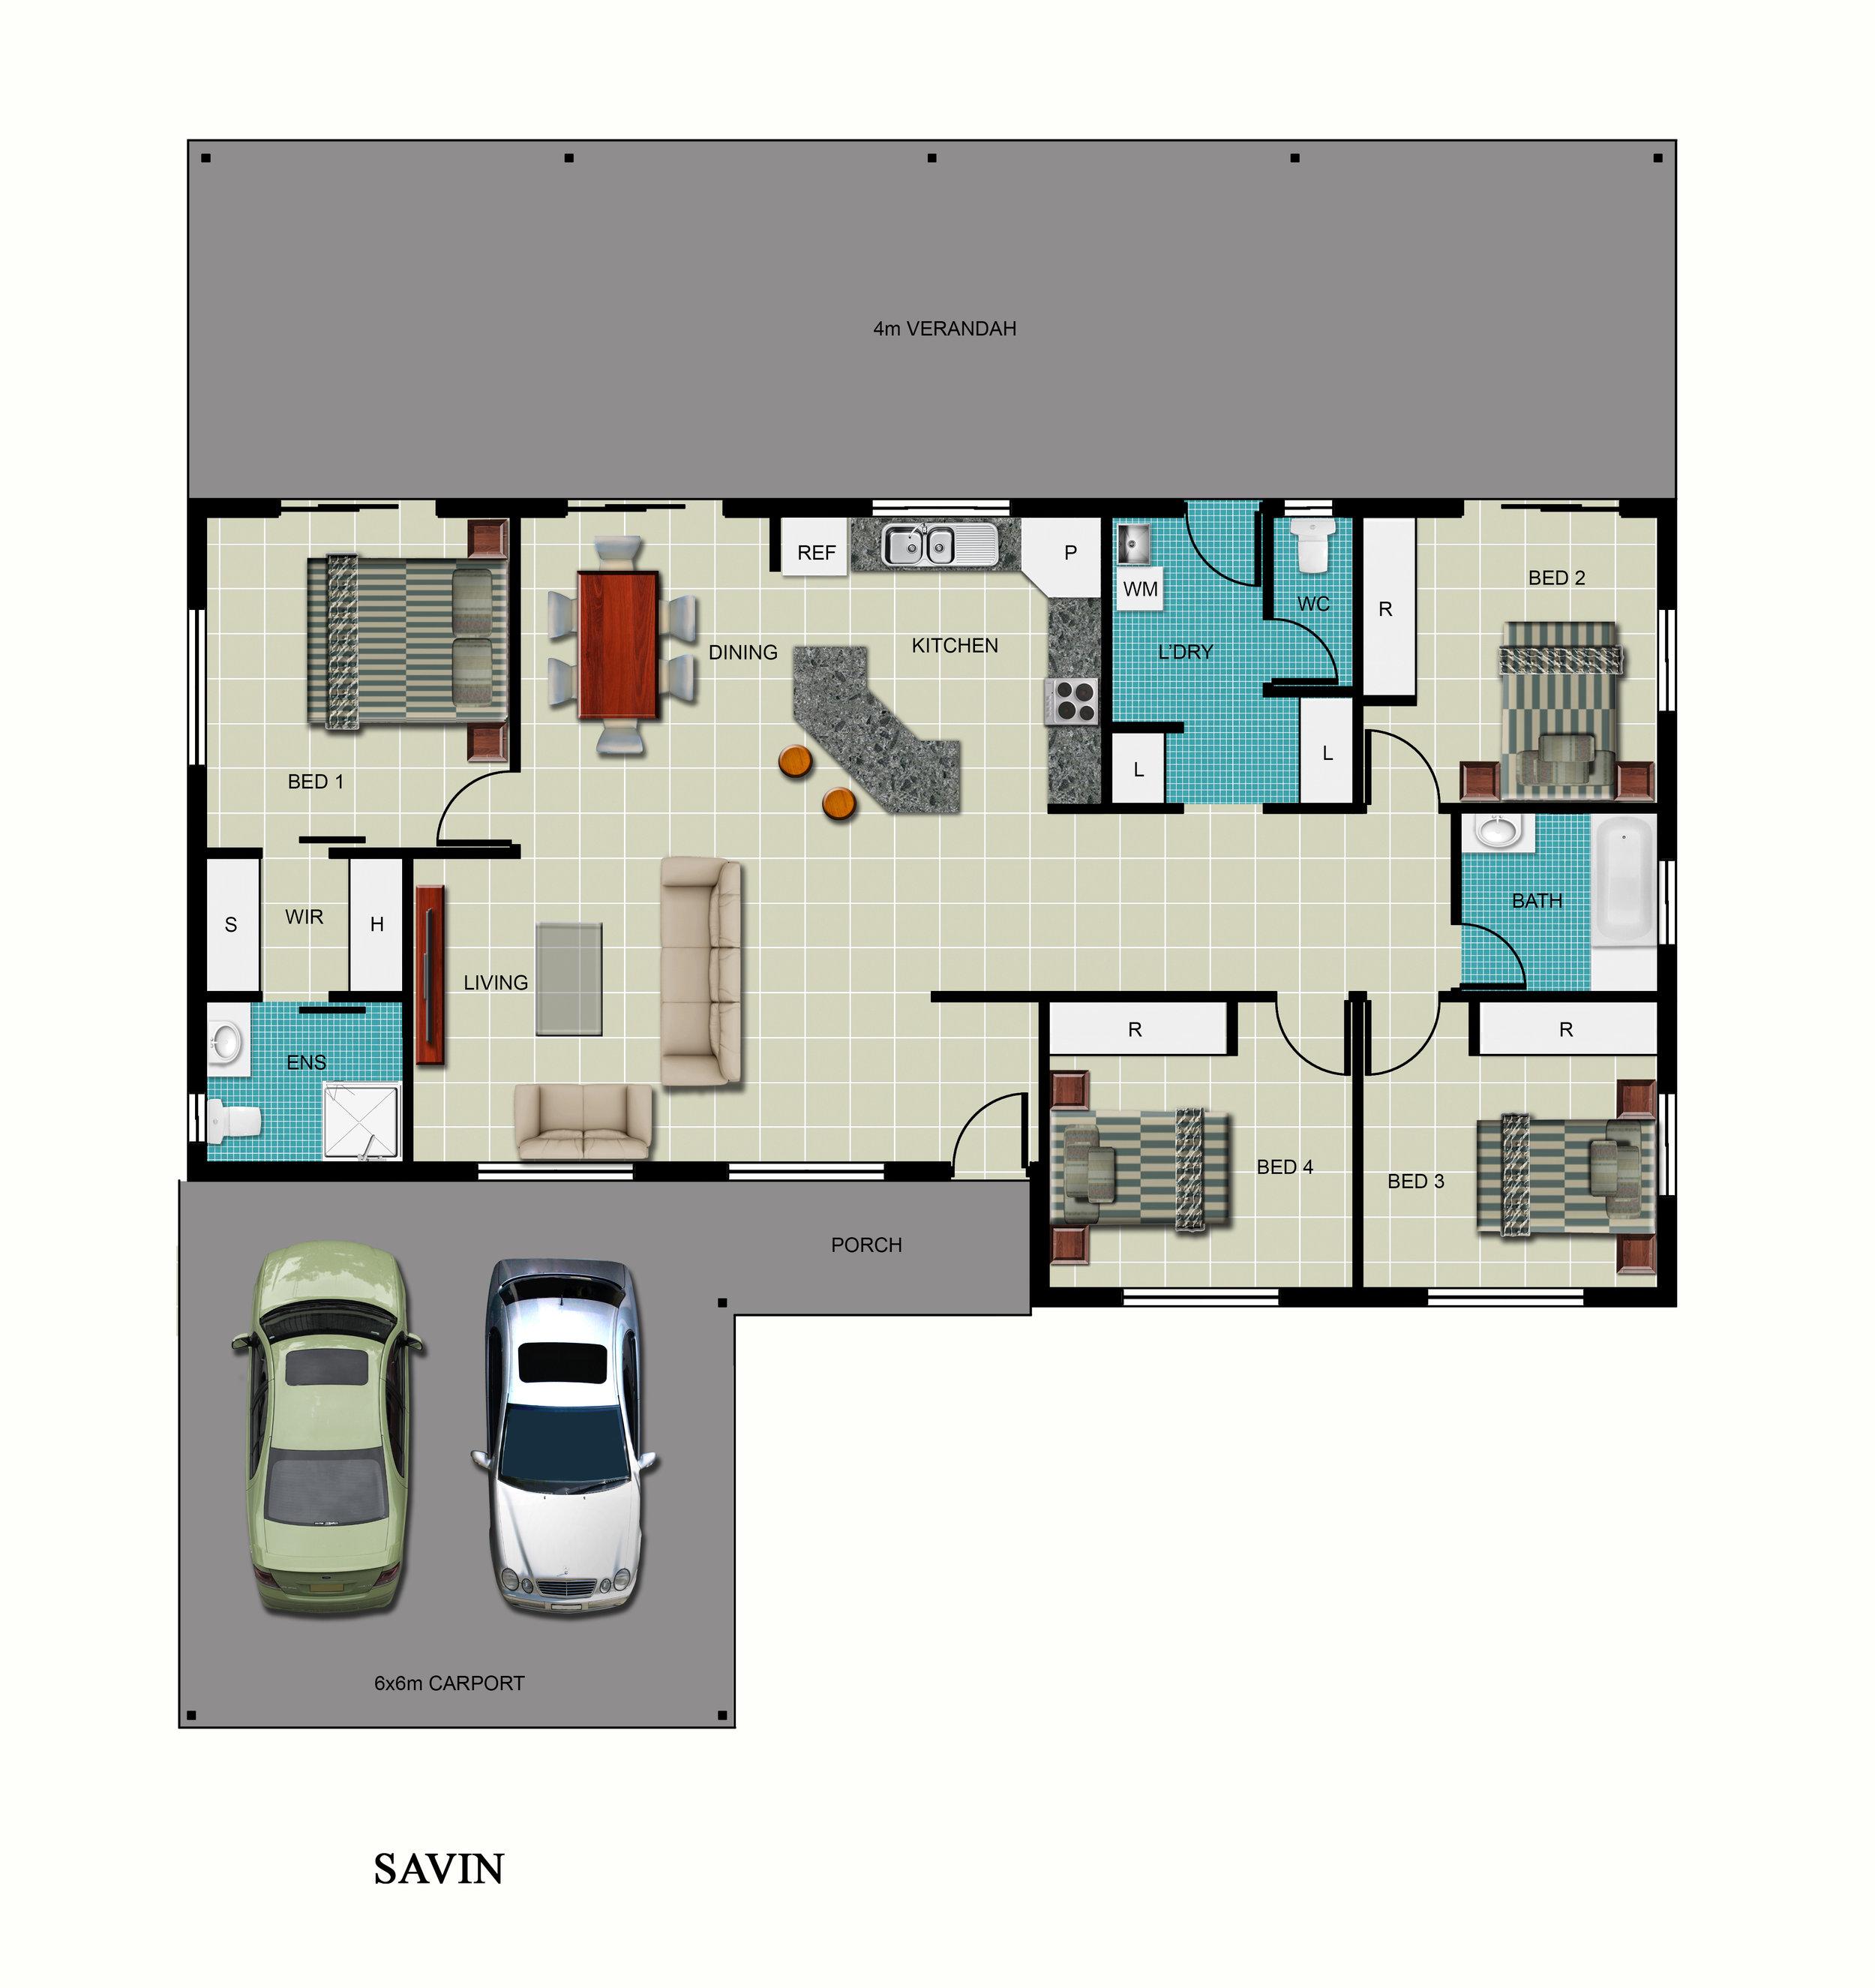 Savin Floor Plan